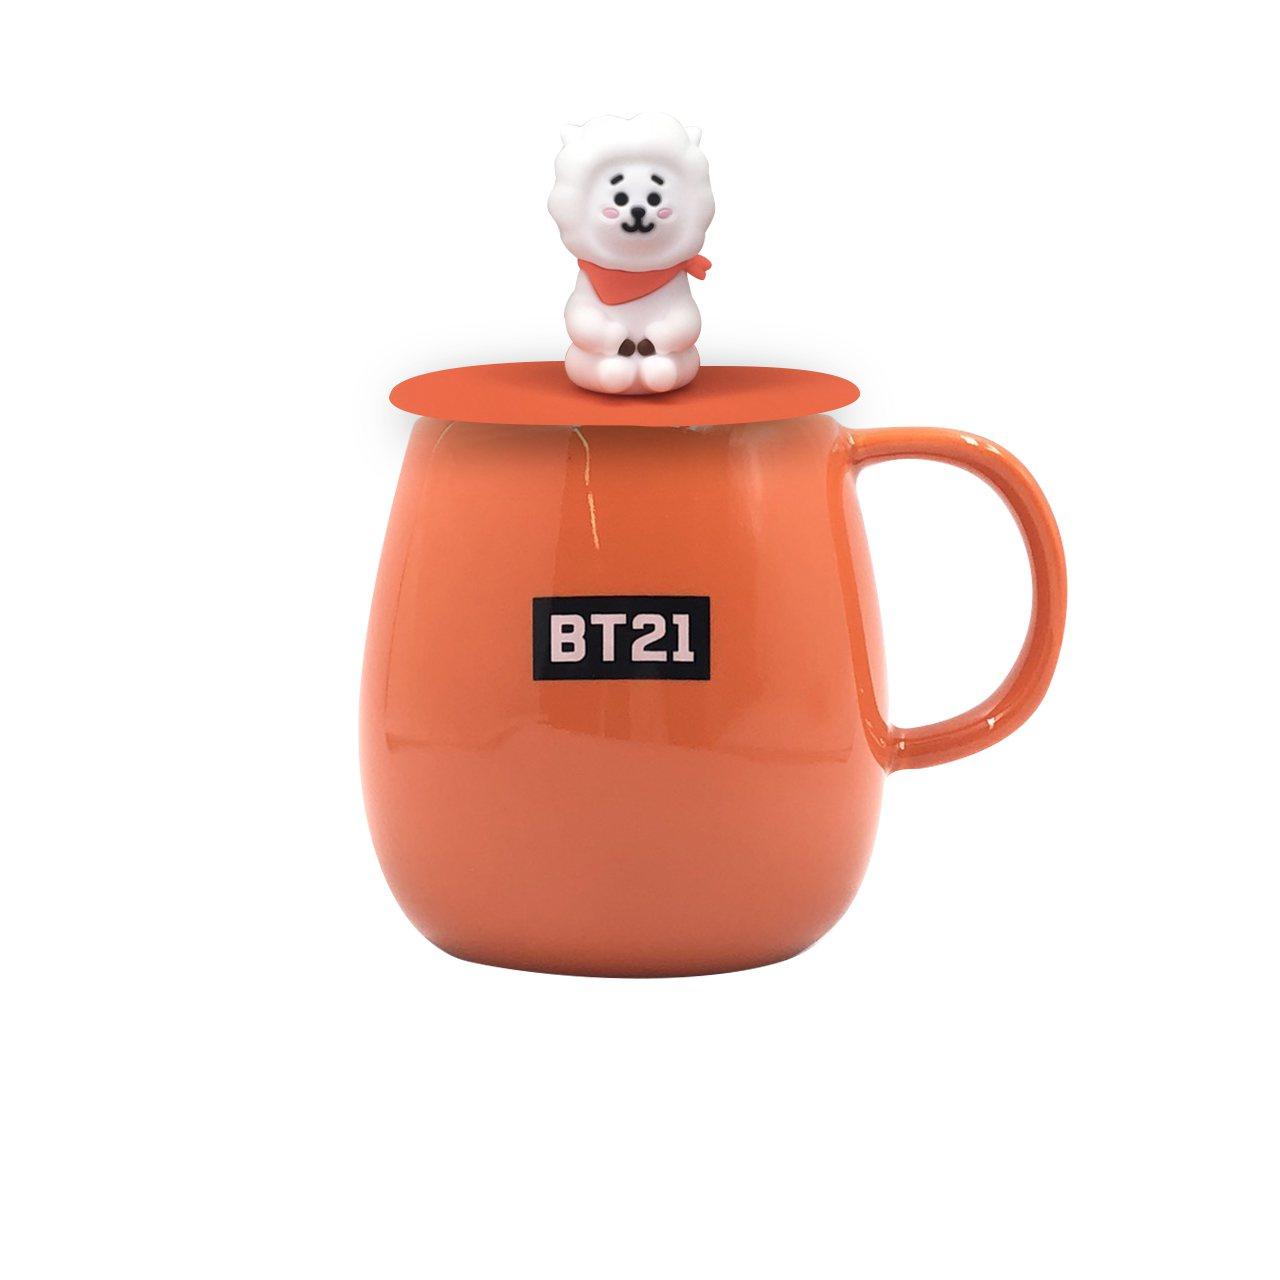 「BT21」保溫杯-RJ款,2,000點+429元,12月4日起於全家便利商店A...